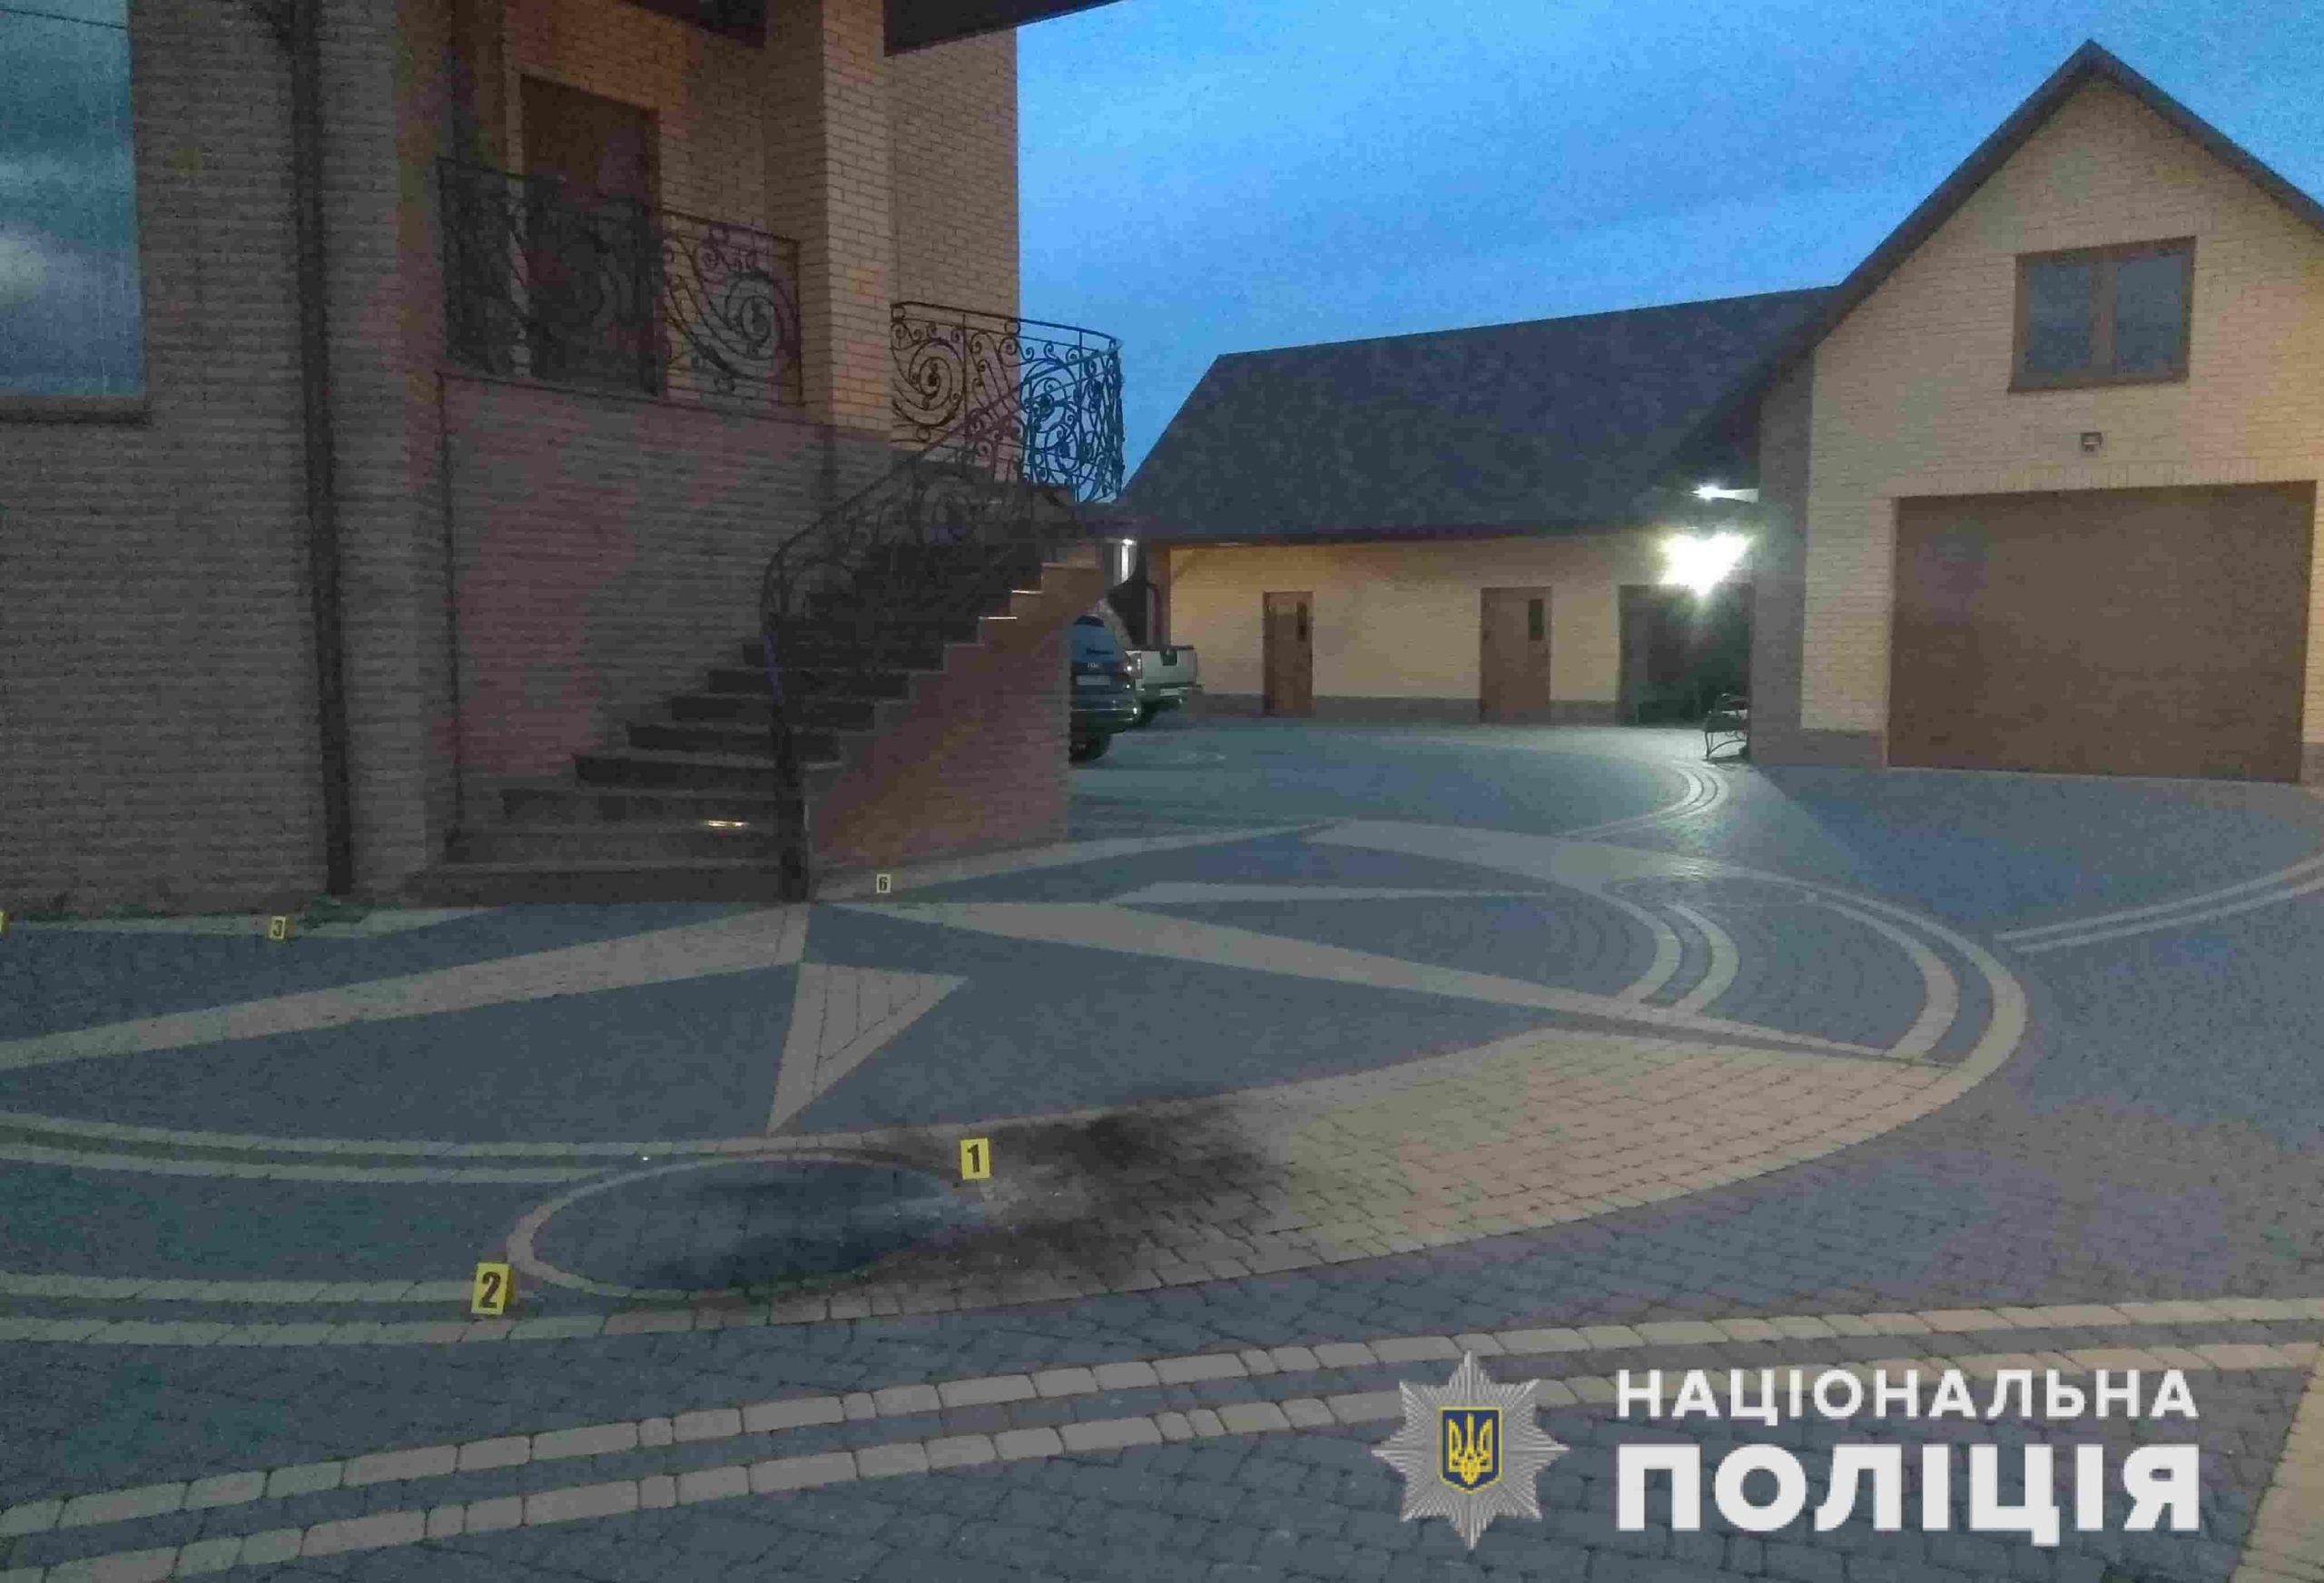 Волинянину, який кинув вибухівку на подвір'я депутата, загрожує 12 років ув'язнення